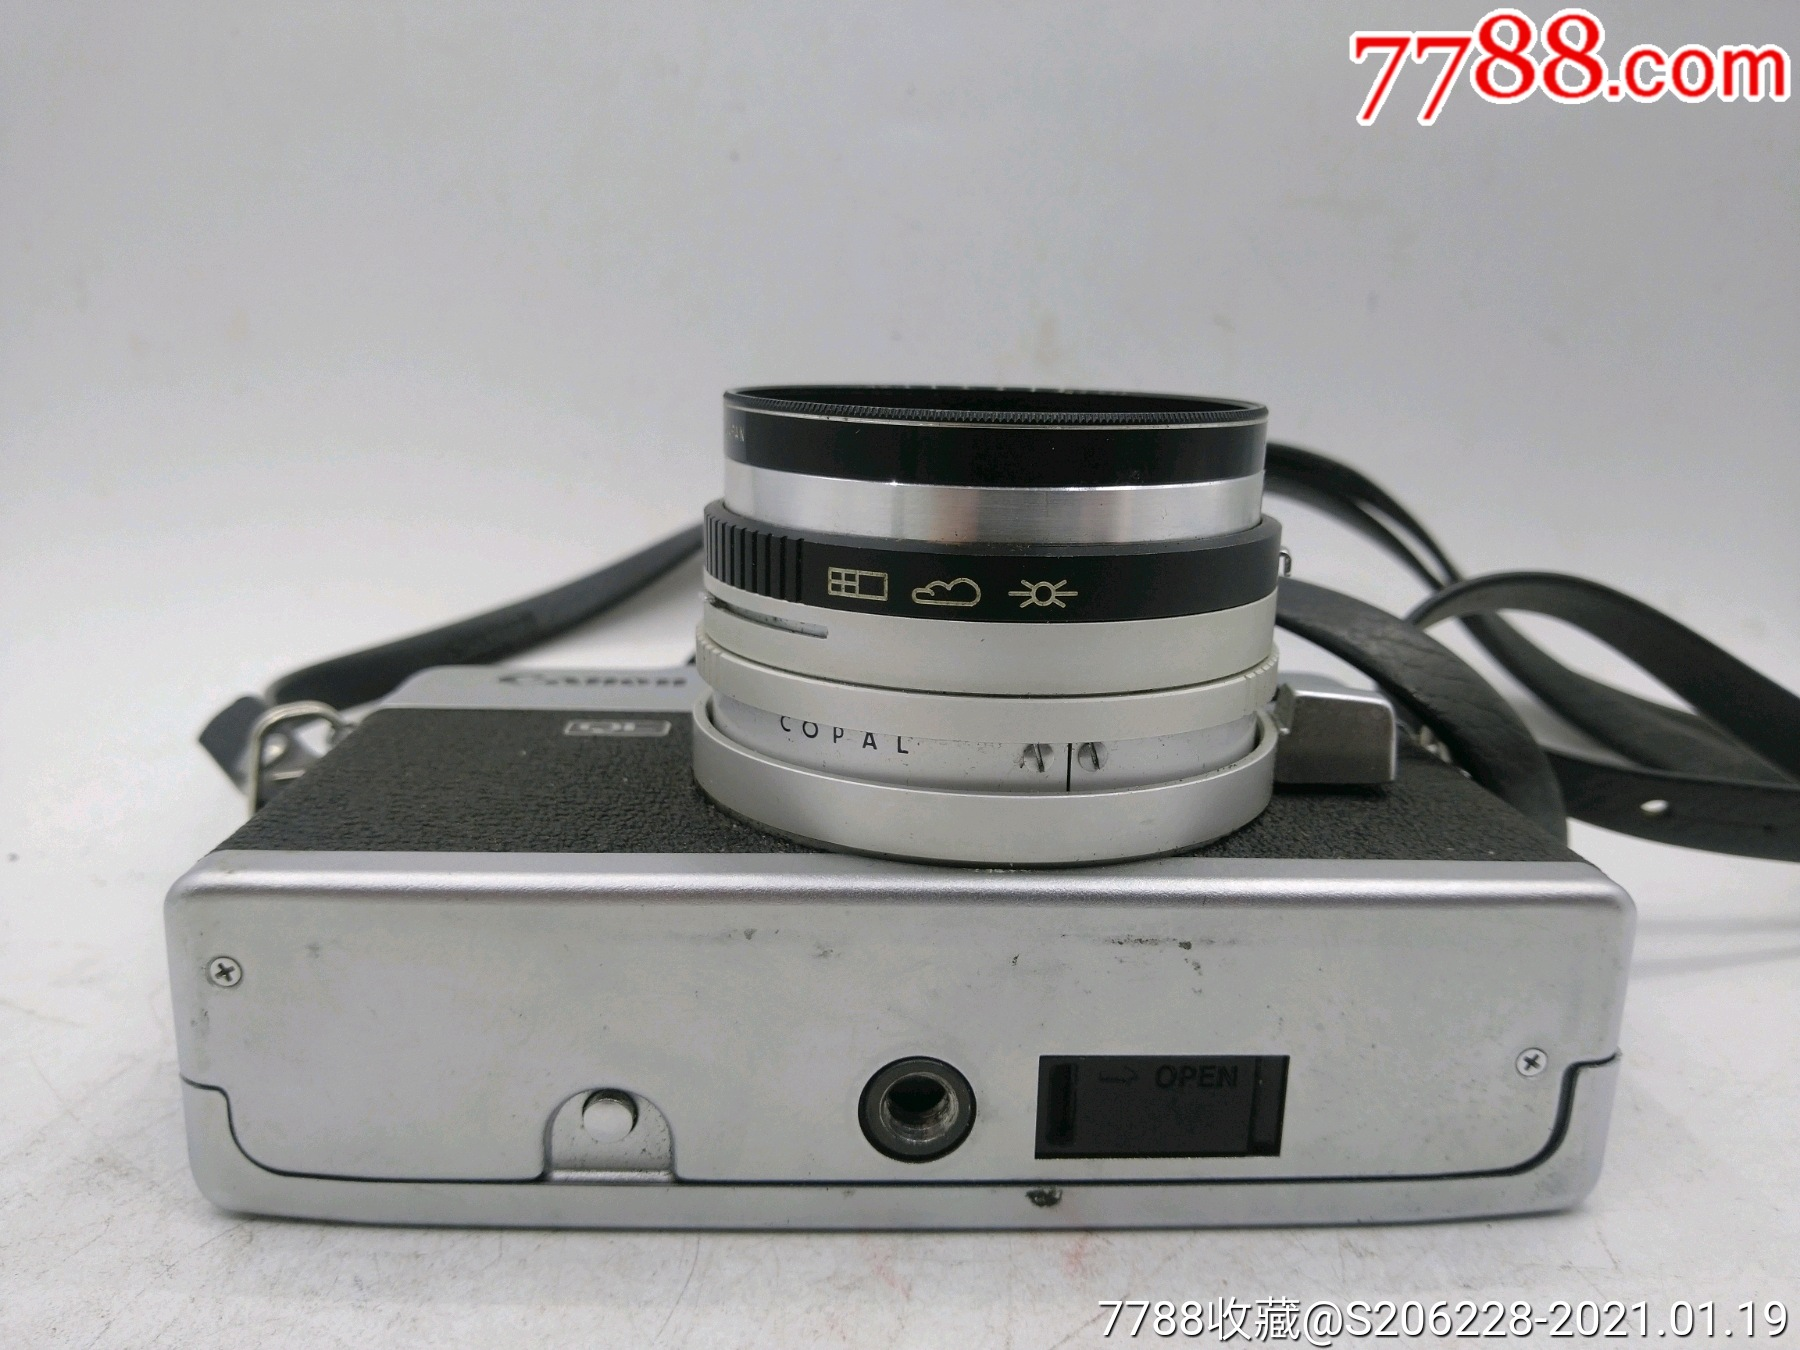 229★Canon_Canonet-QL17旁軸相機/機身編號:643049_價格260元_第7張_